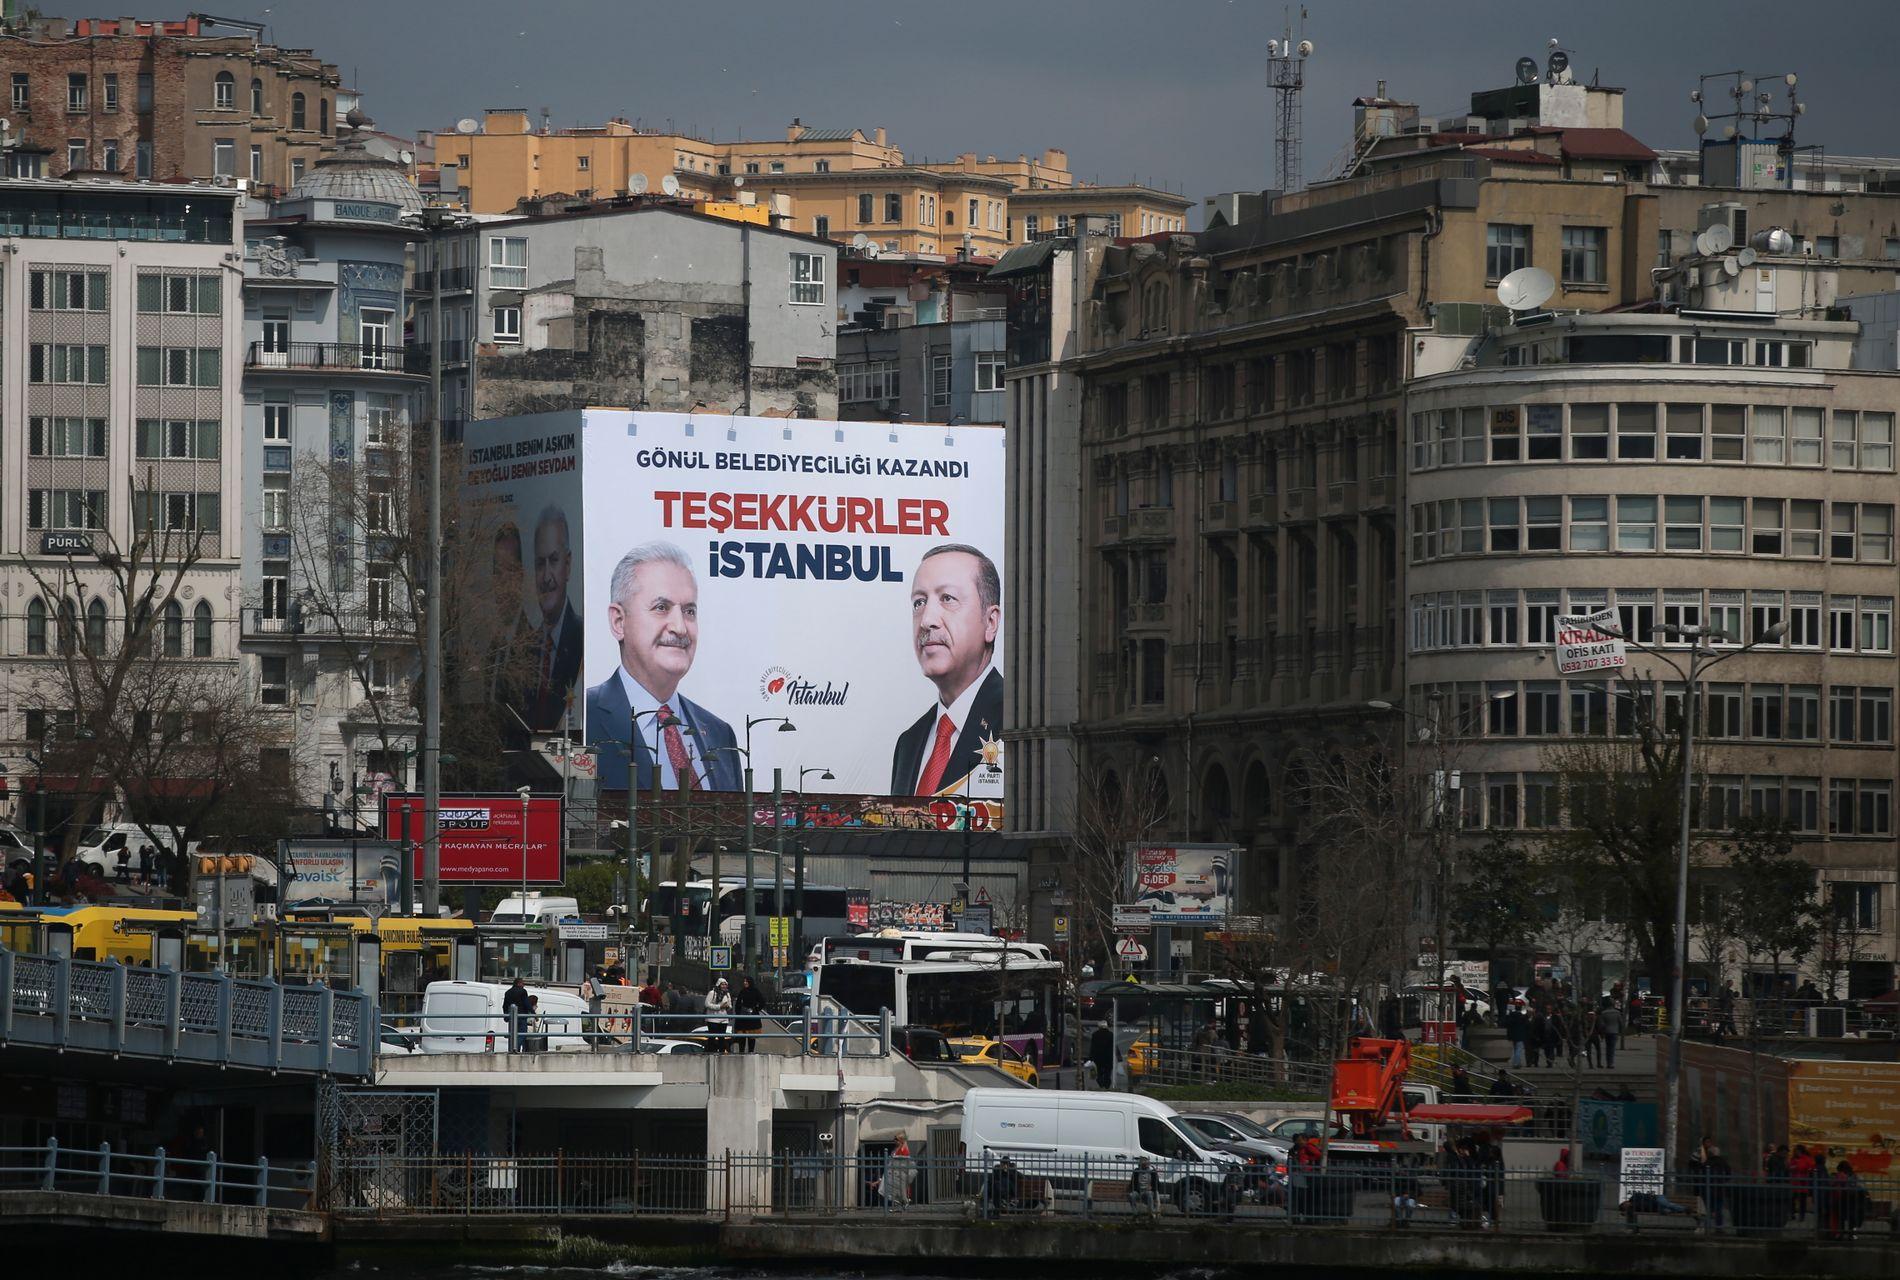 «TAKK, ISTANBUL»: Et banner med denne påskriften og et bilde av Tyrkias president Recep Tayyip Erdogan og statsminister Binali Yıldırım i Istanbul i april.